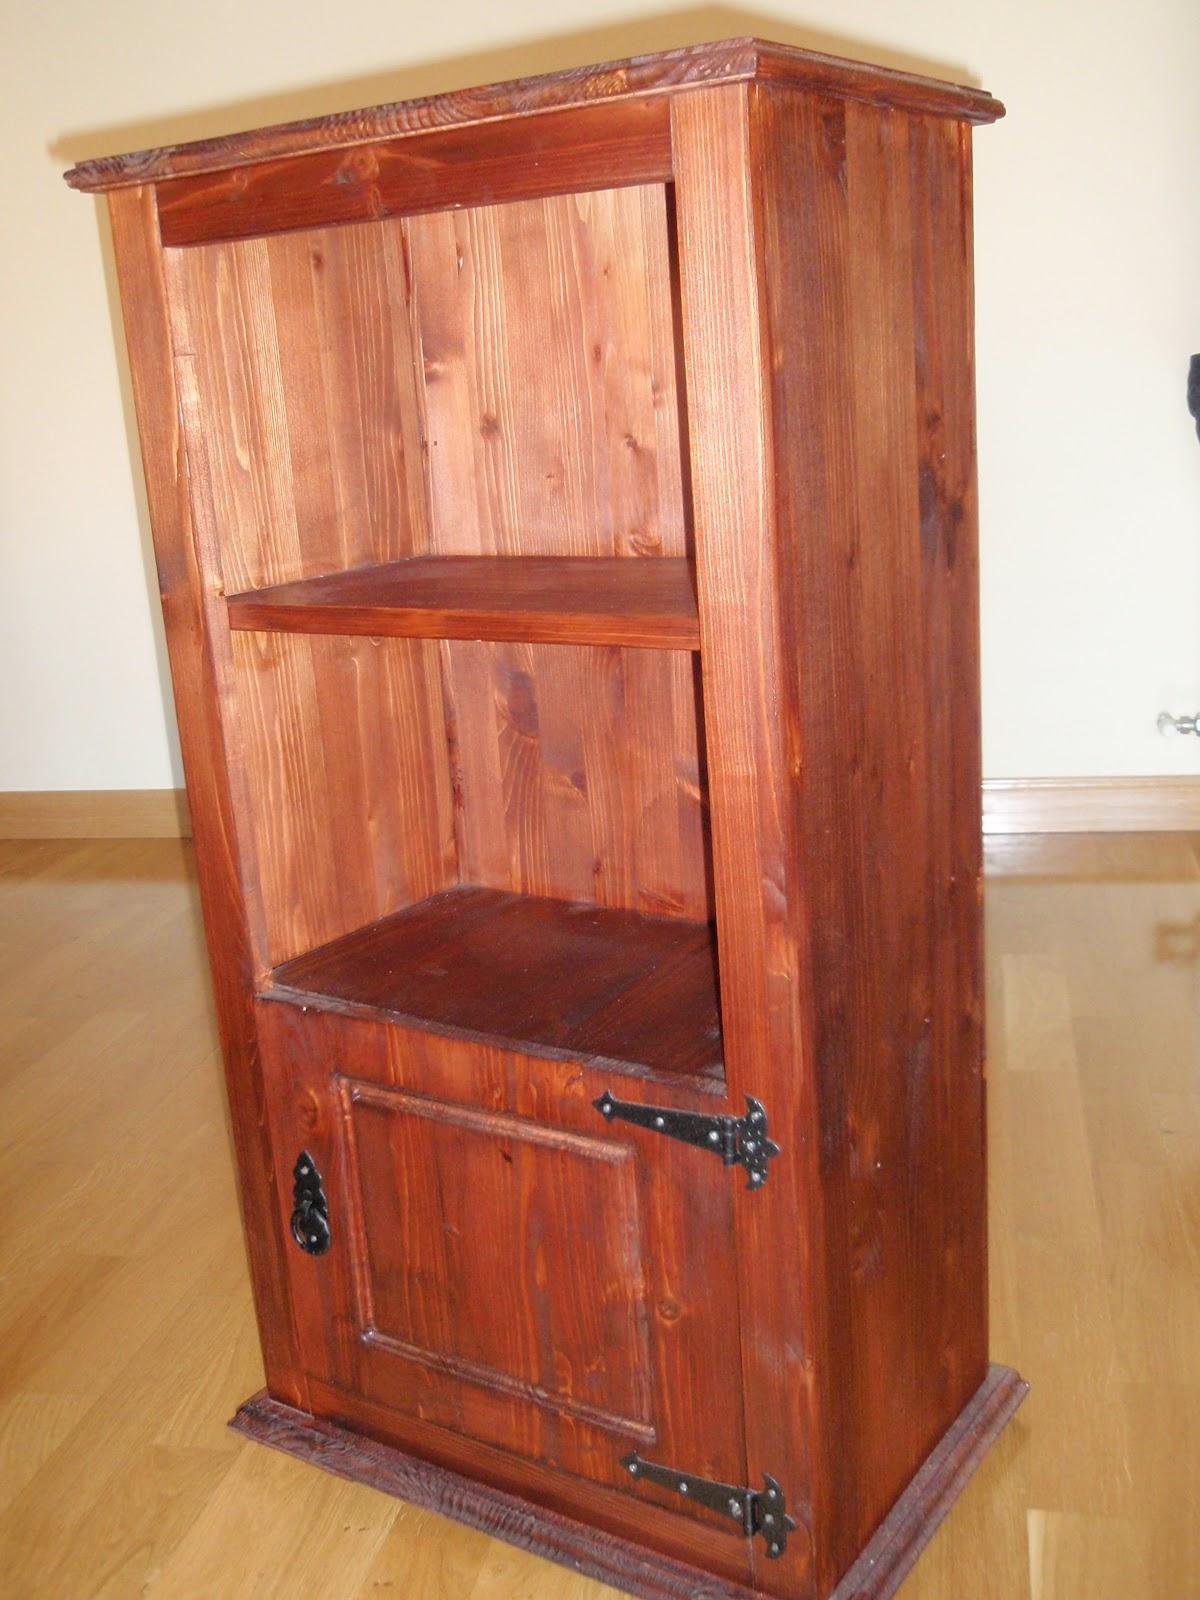 Trabajos r sticos mueble r stico - Mueble recibidor rustico ...